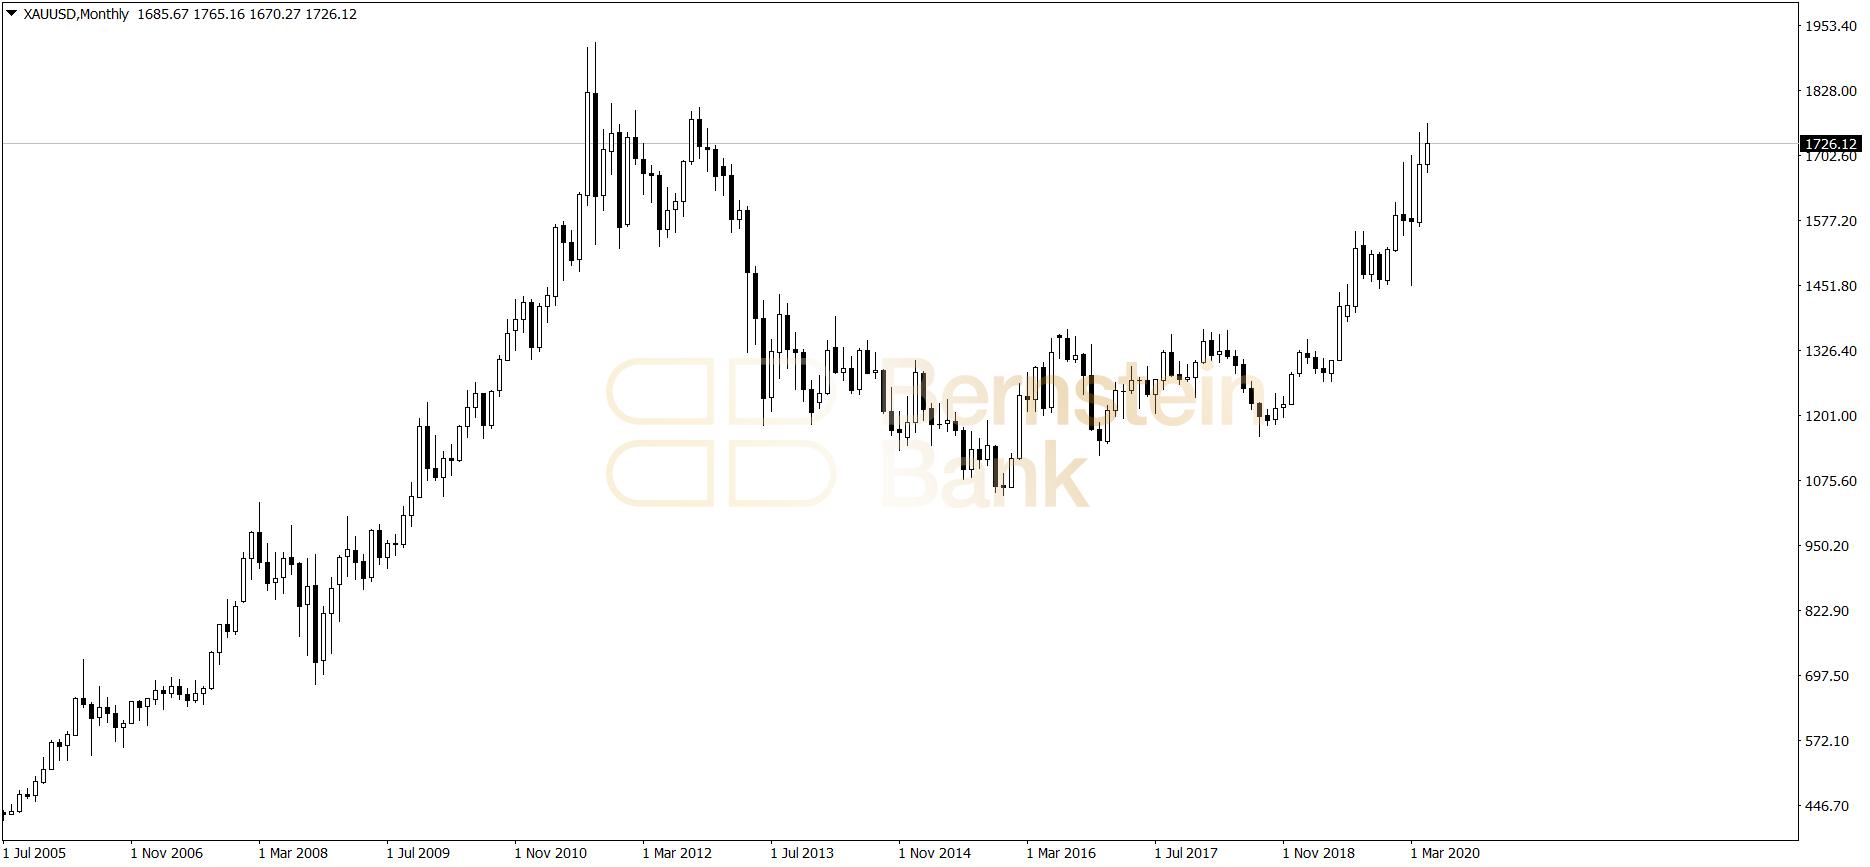 cena złota - wykres miesięczny